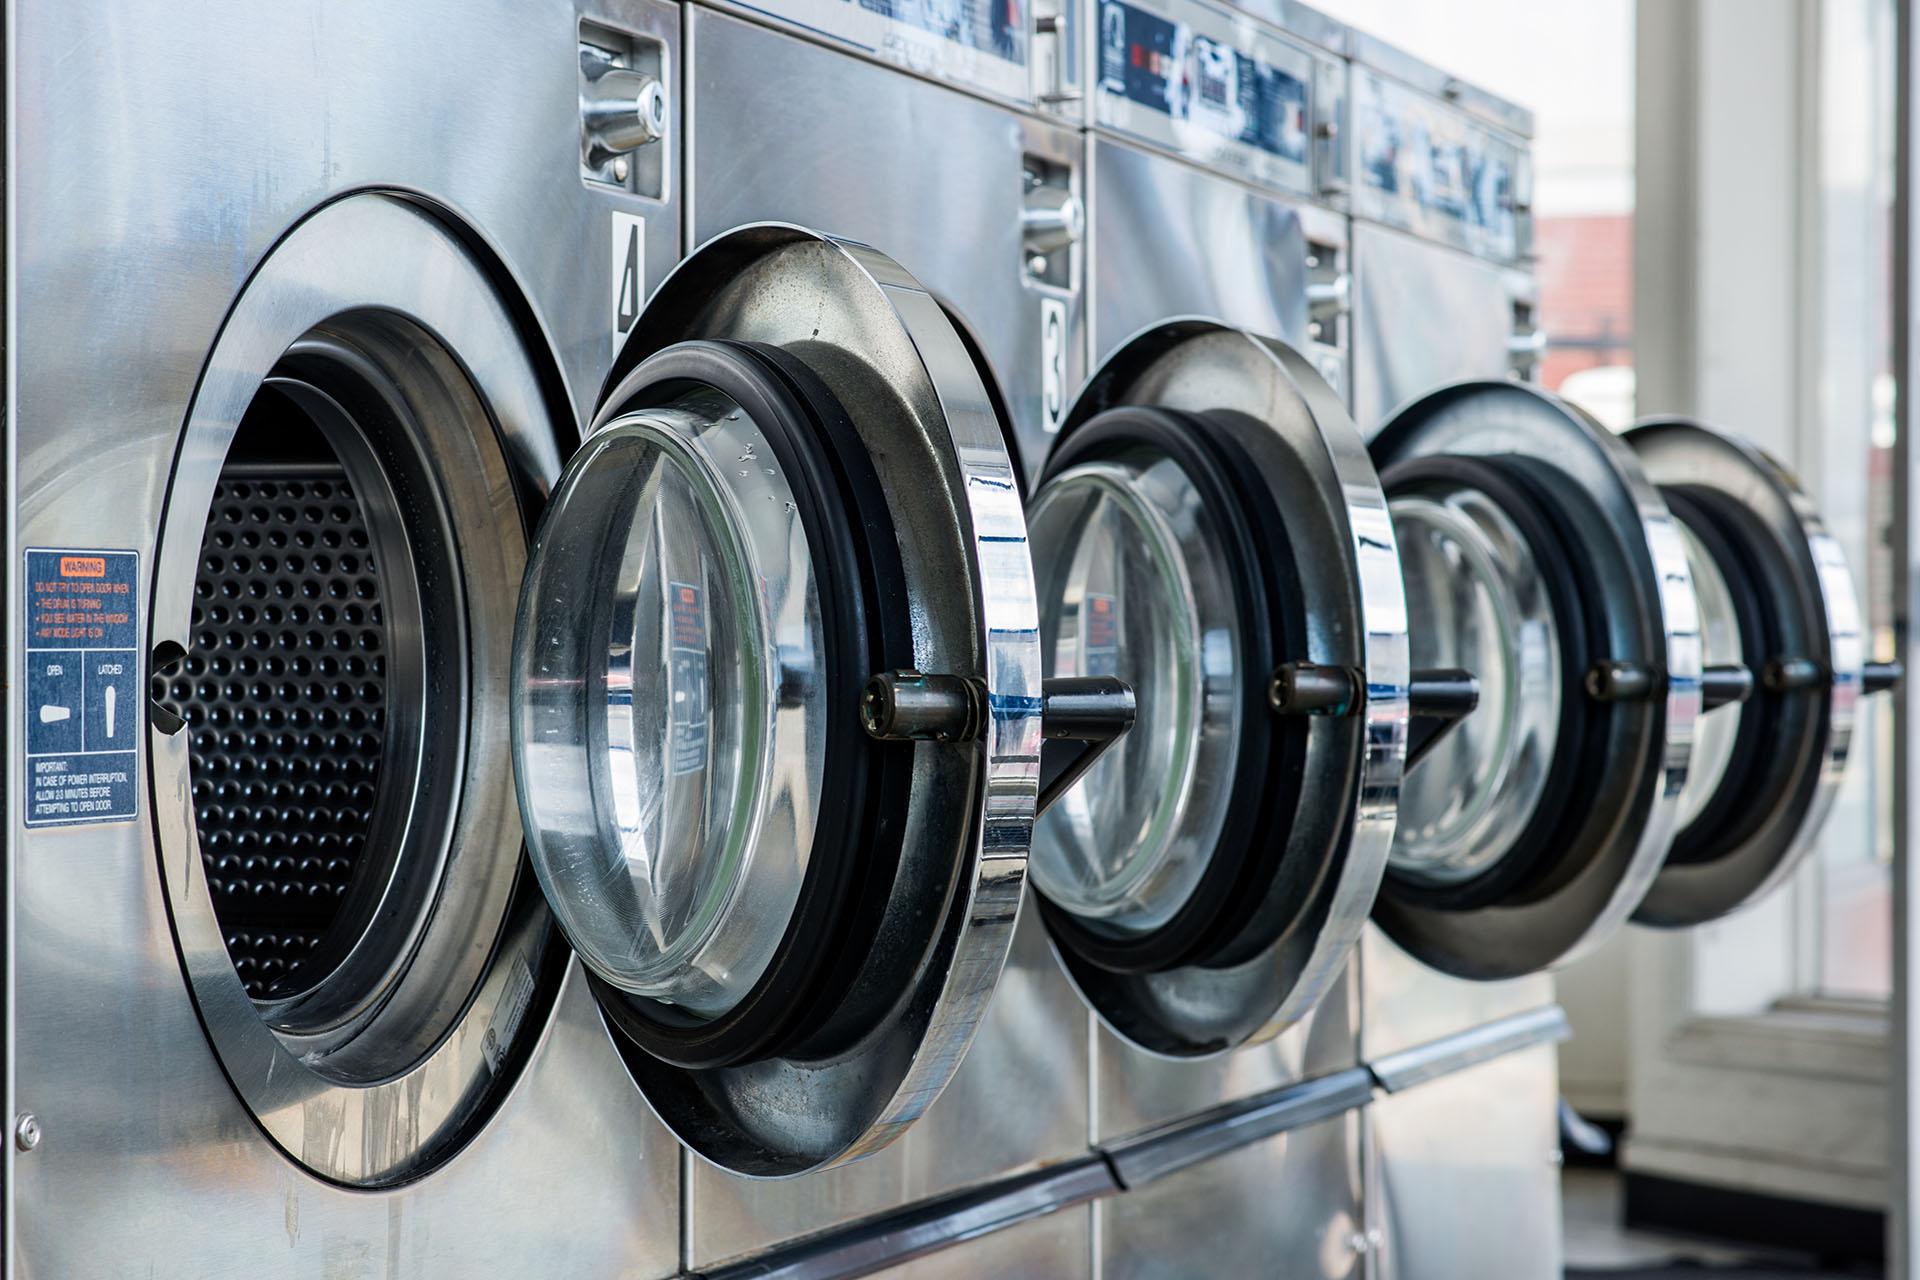 Fyra stycken tvättmaskiner i rad.